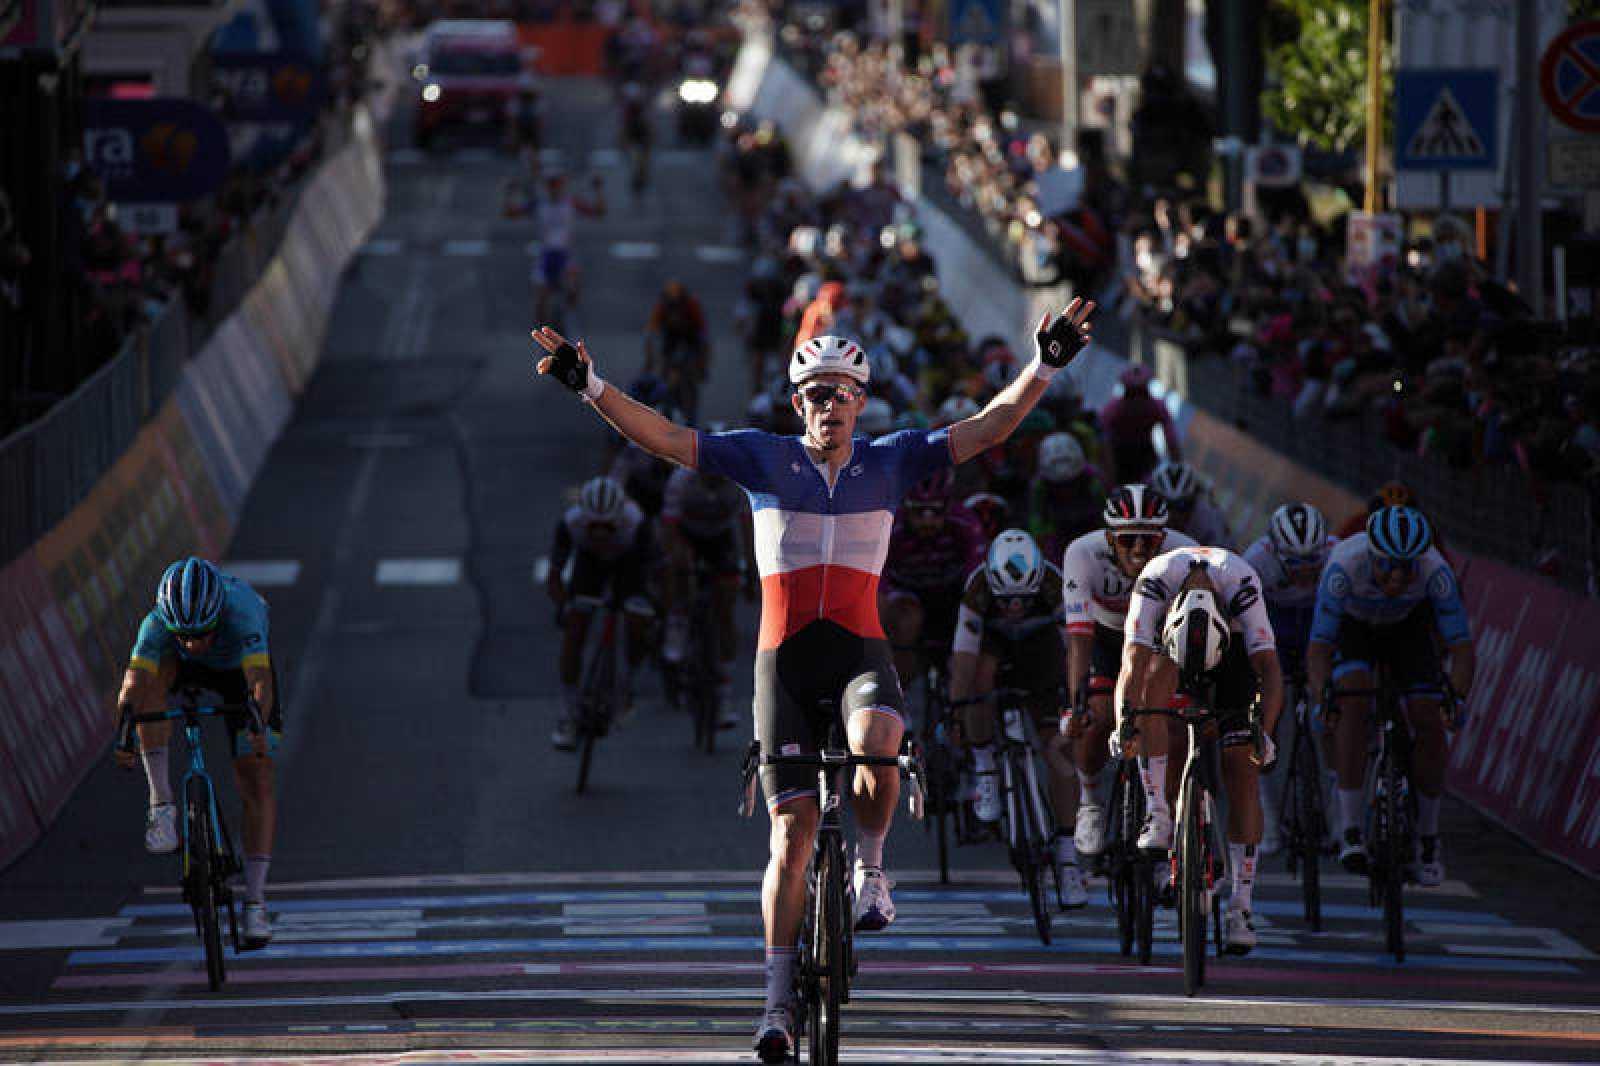 Imagen del francés Arnaud Demare durante el 'sprint' de la sexta etapa del Giro 2020.